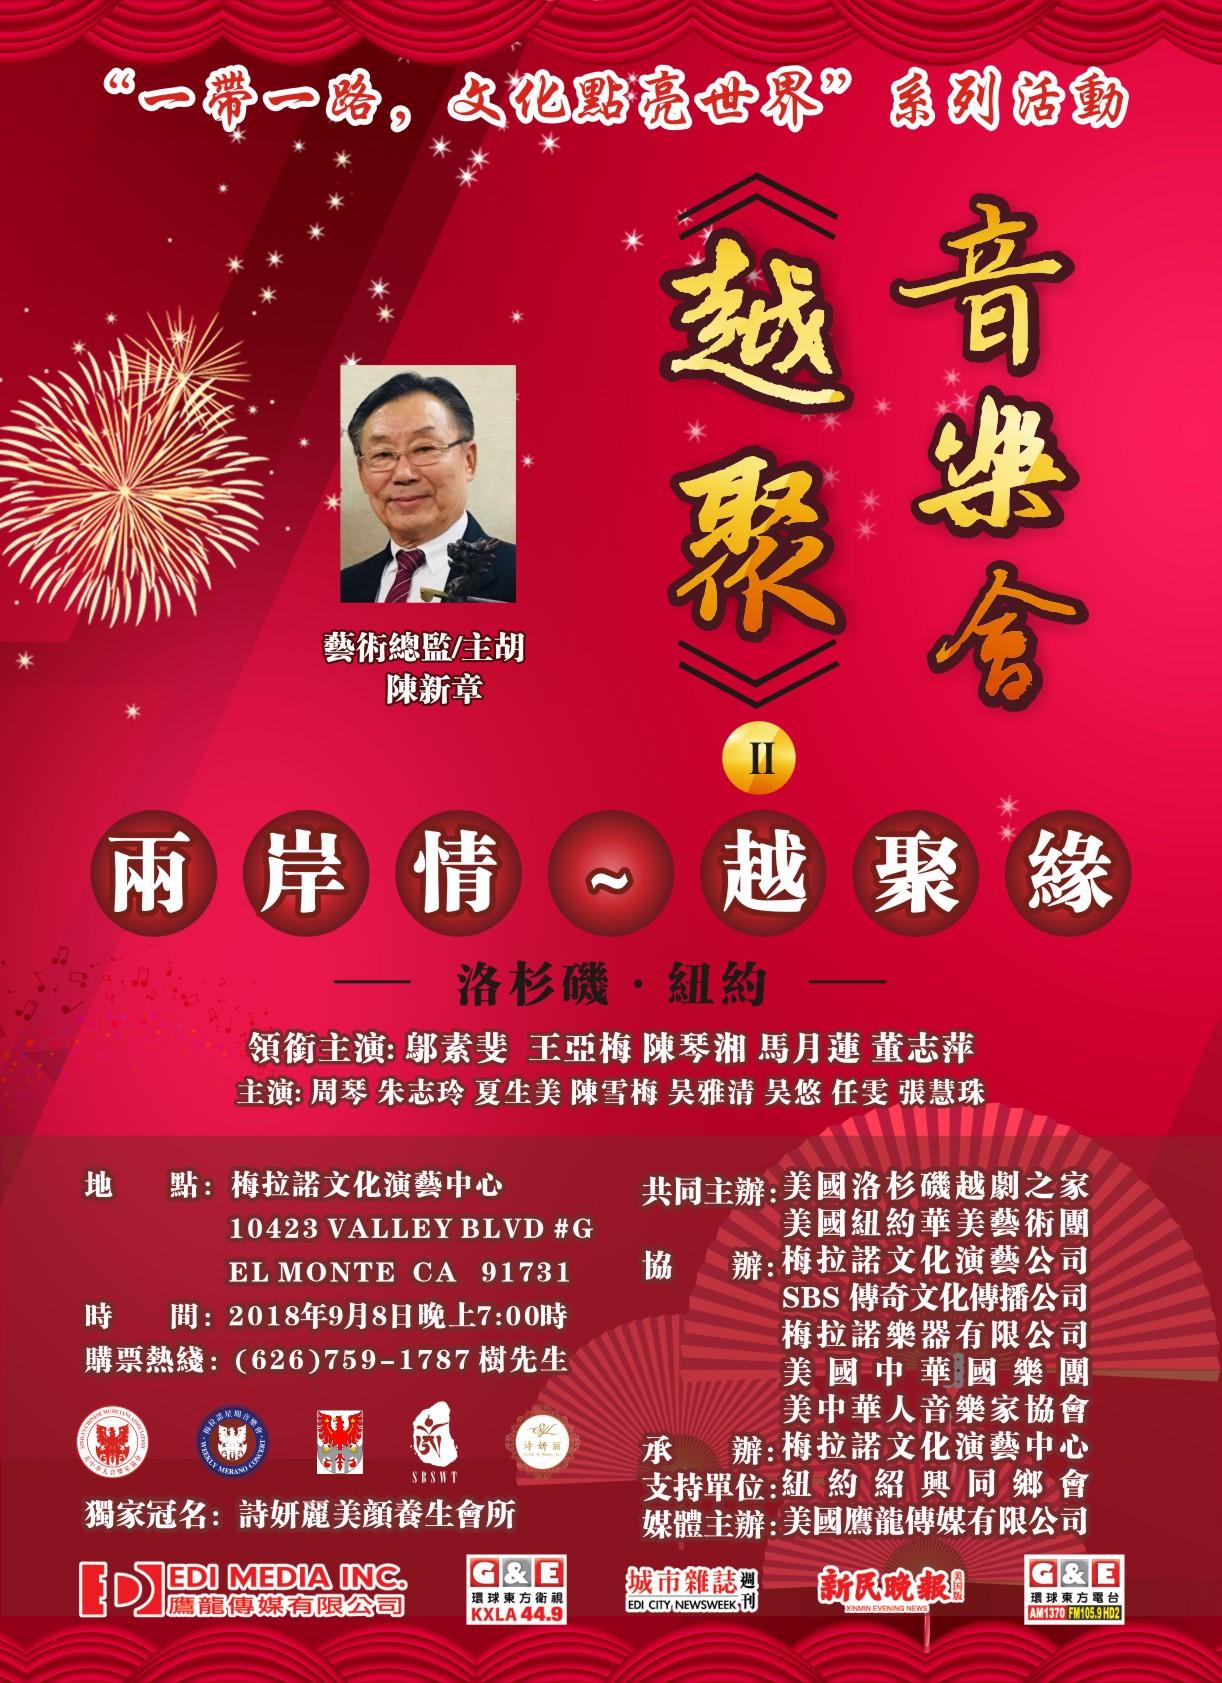 WeChat+Image_20180822093128.jpg